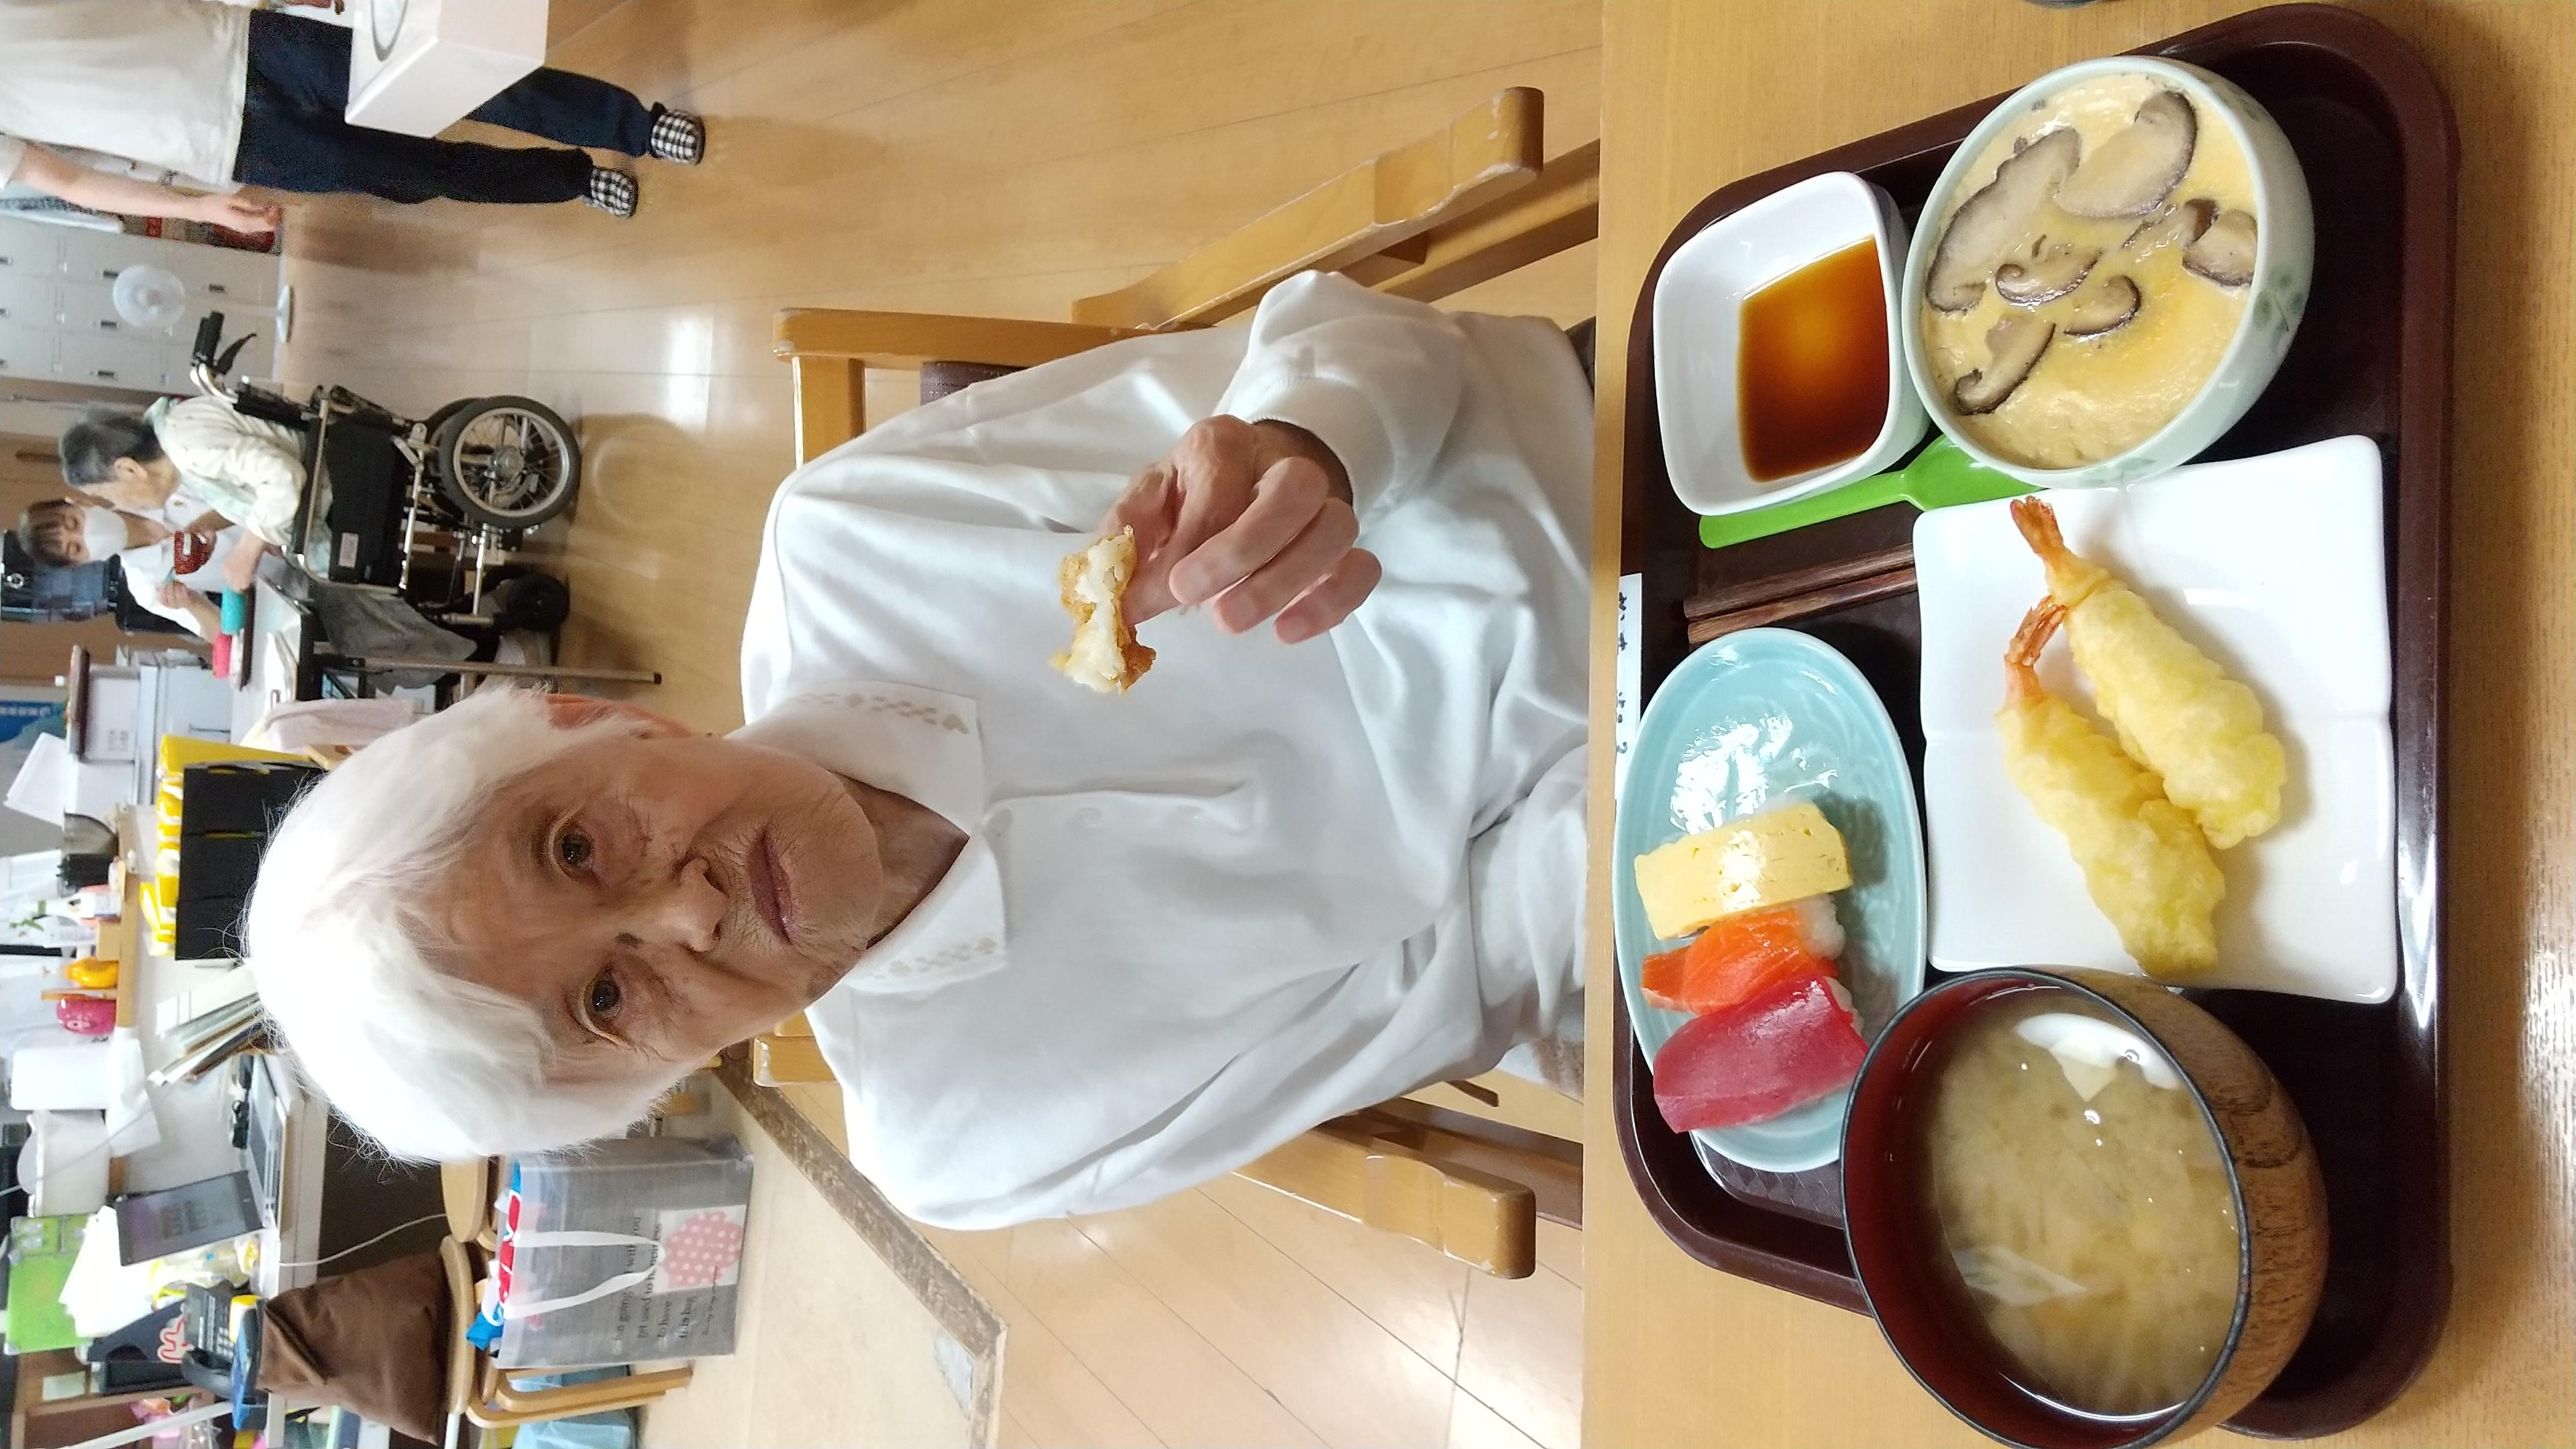 https://blog.magokorokaigo.com/staffblog/shimada-gh/HORIZON_0001_BURST20210524114730675_COVER%20%281%29.JPG